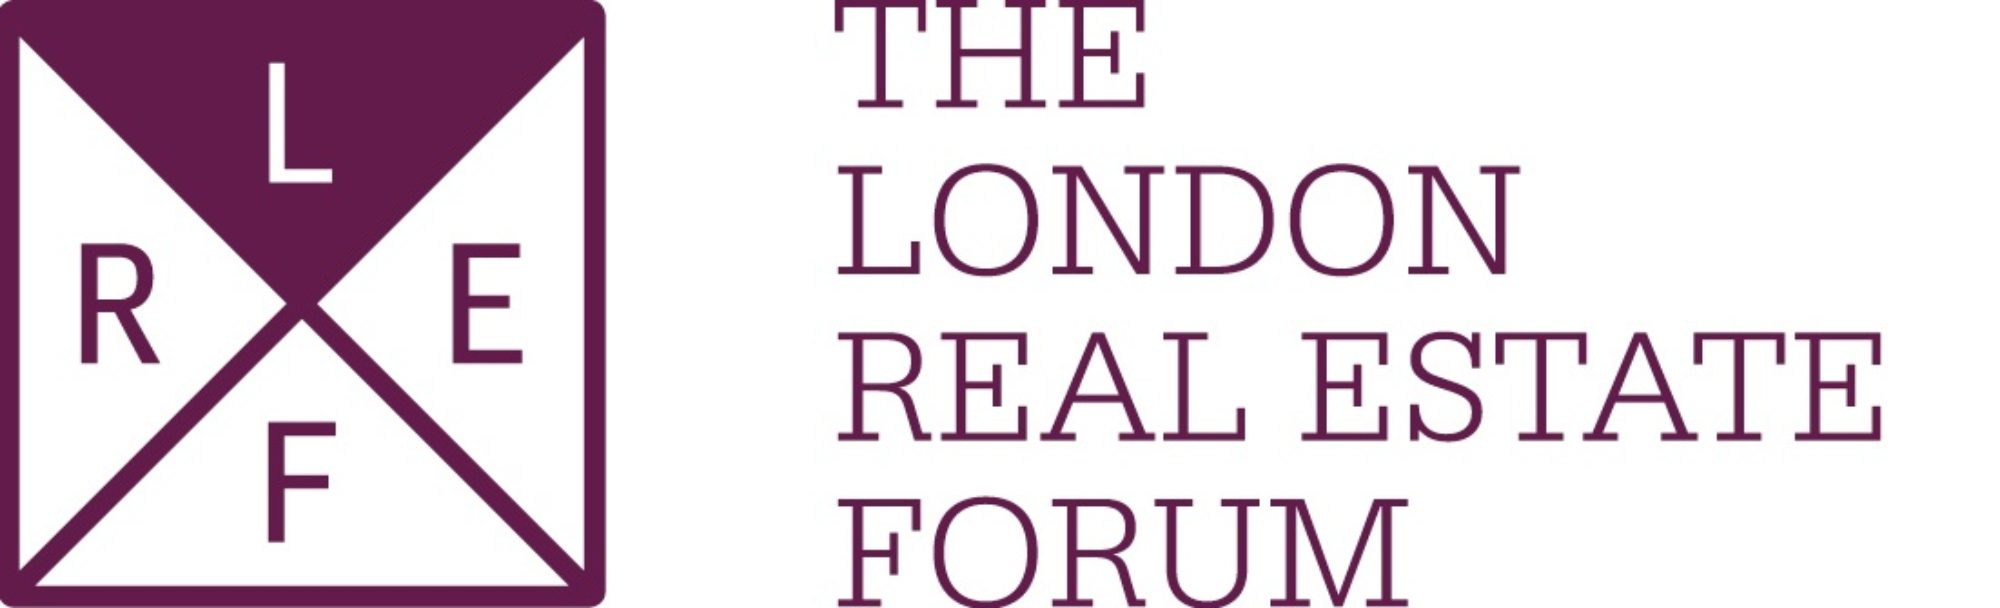 Derwent London at LREF 2019